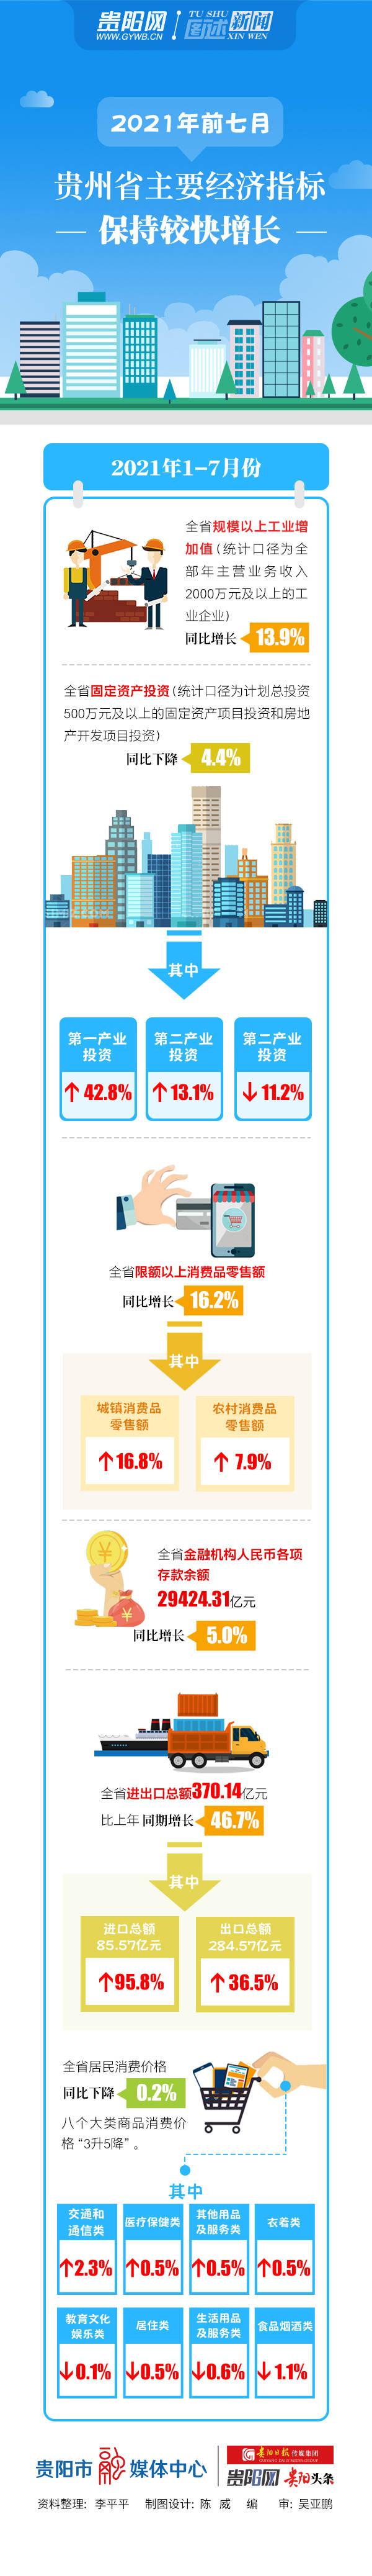 2021年贵州的gdp_2021年上半年,贵州70个县GDP较上年同期实现两位数增长